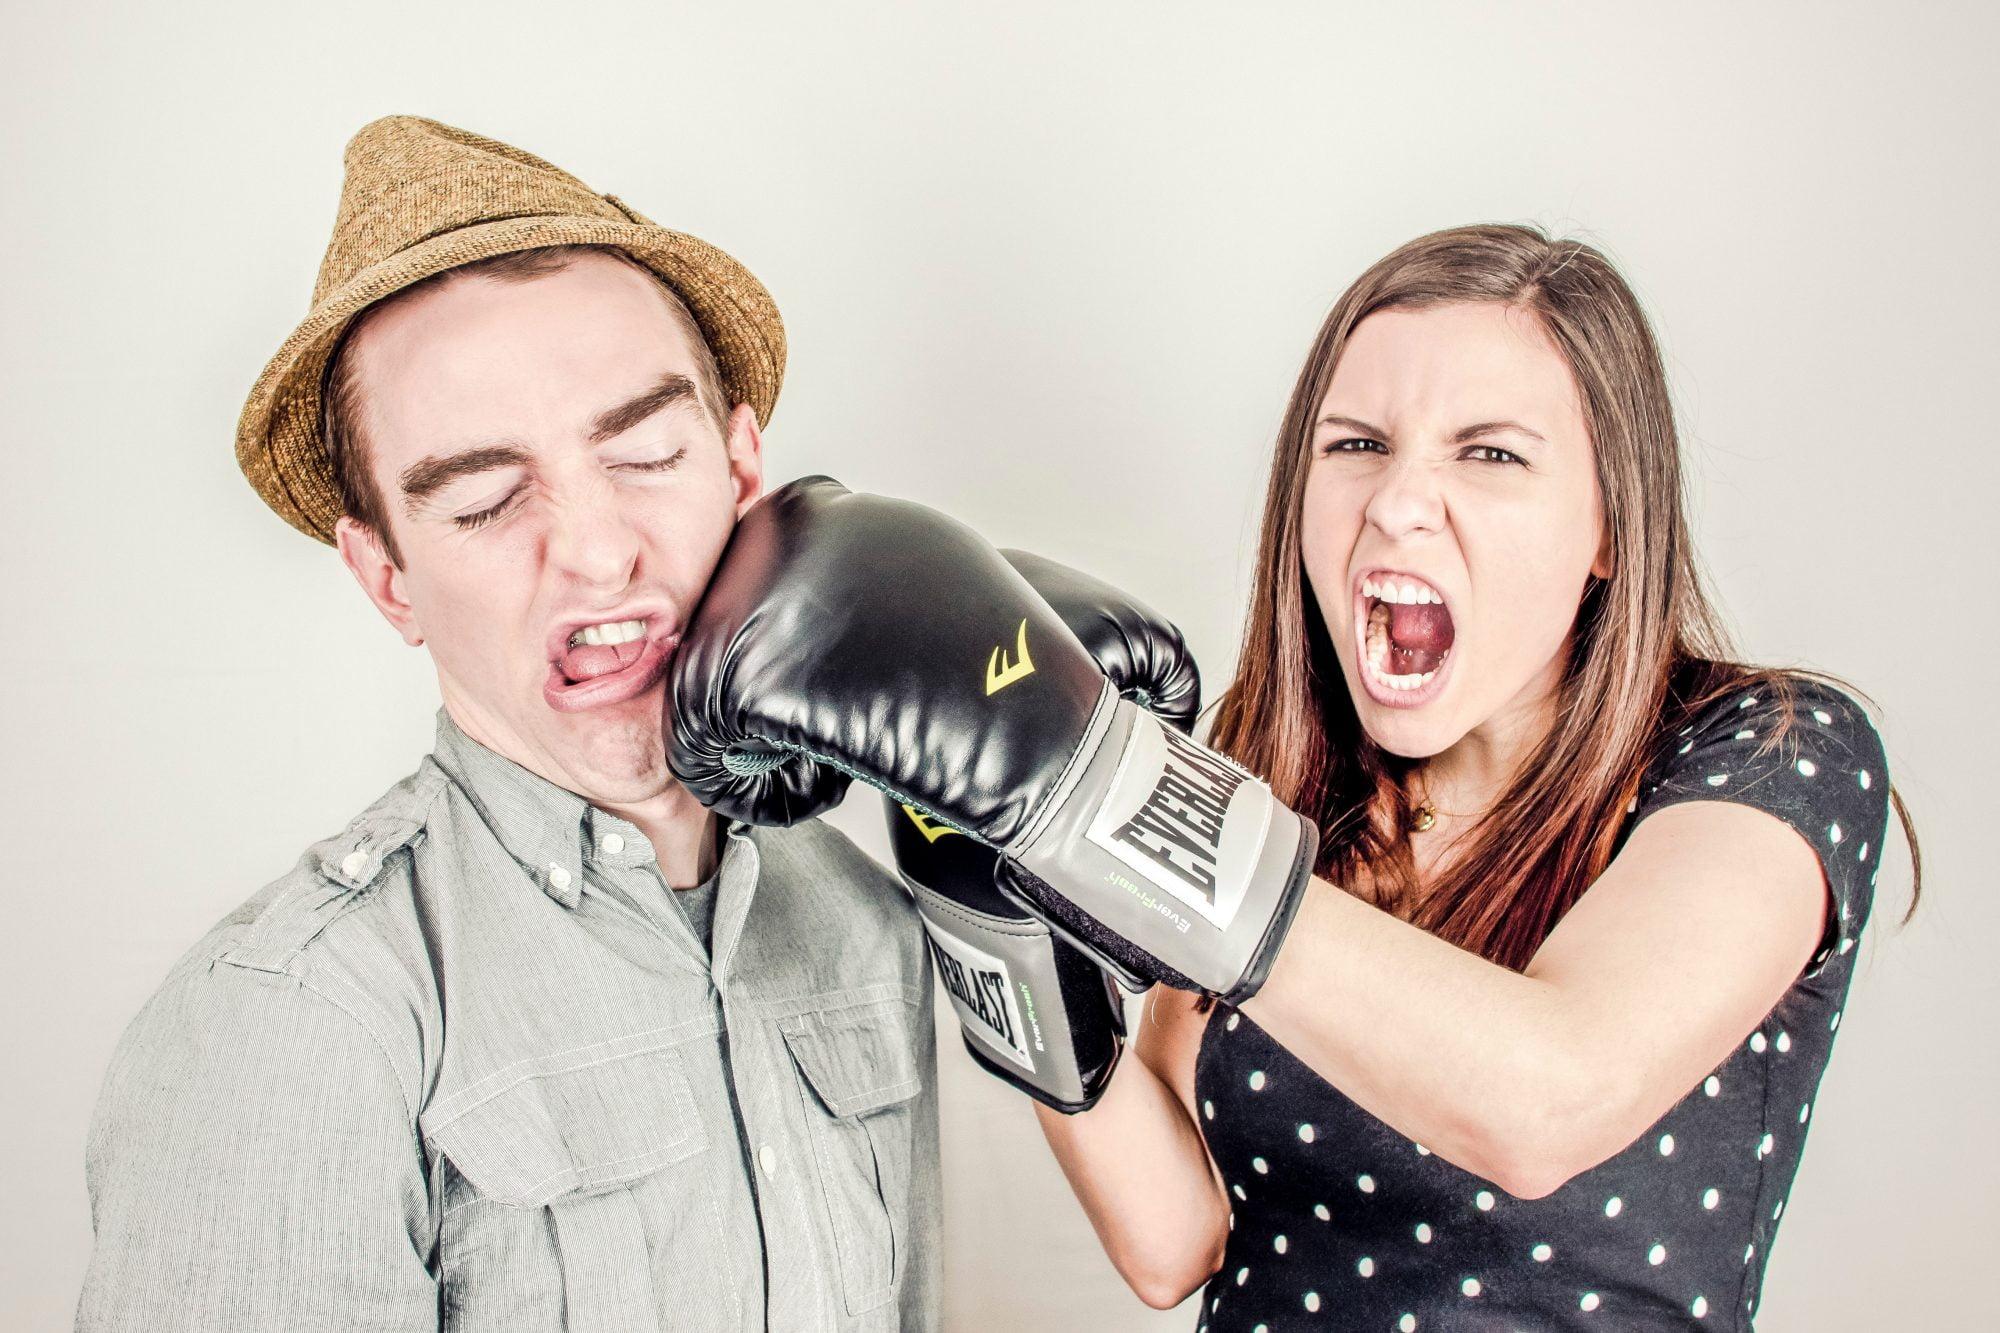 Mai mici sau mai mari conflicte are toată lumea. Important este ca cearta în familie să nu degenereze.